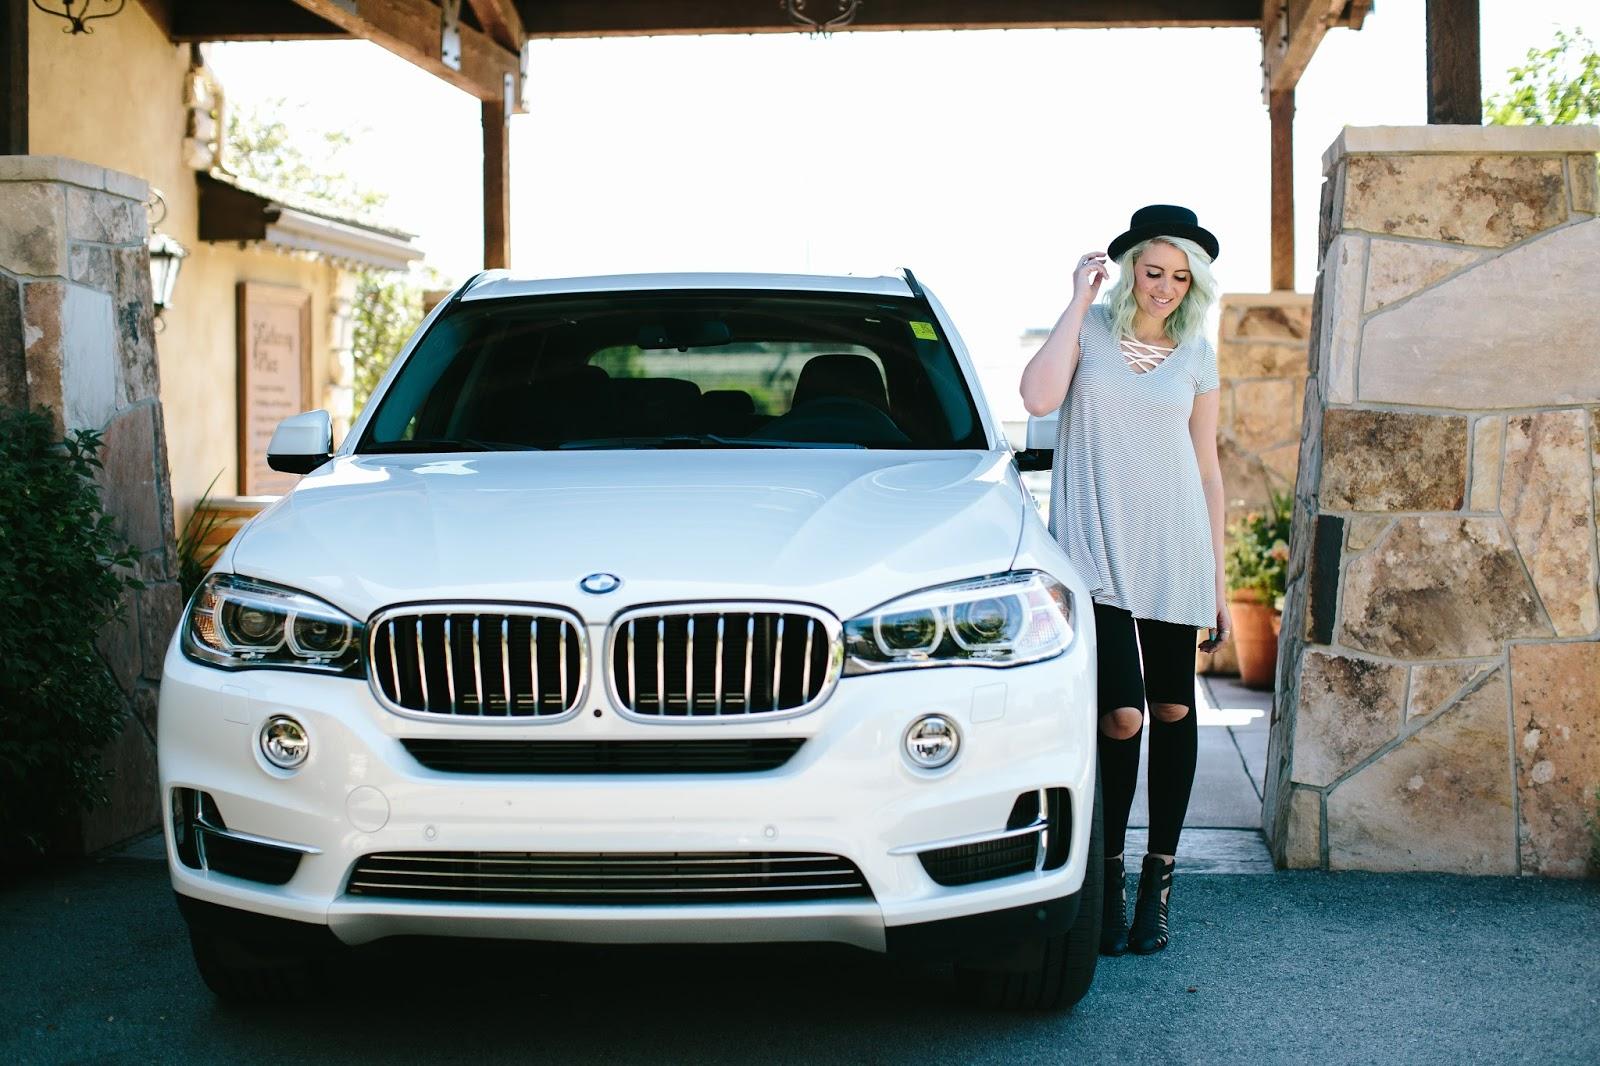 BMW, White BMW, BMW X5